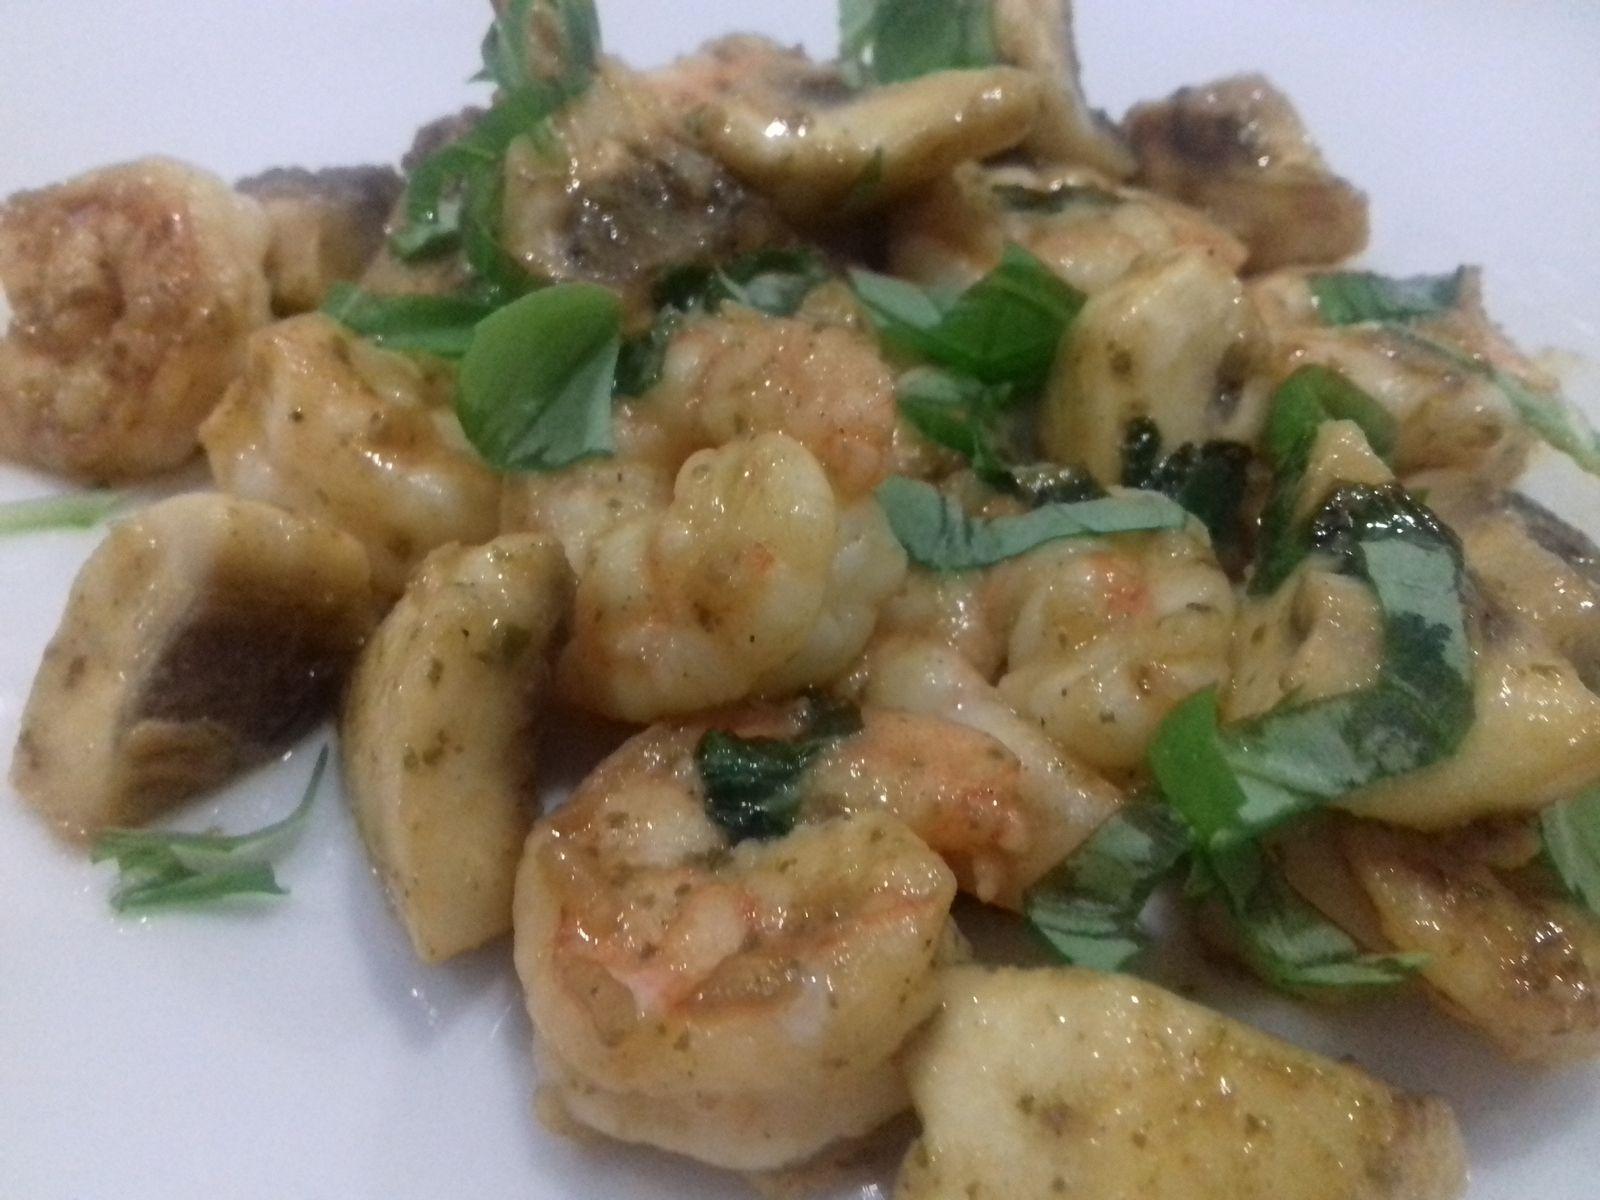 Antipasti crevettes et champignons